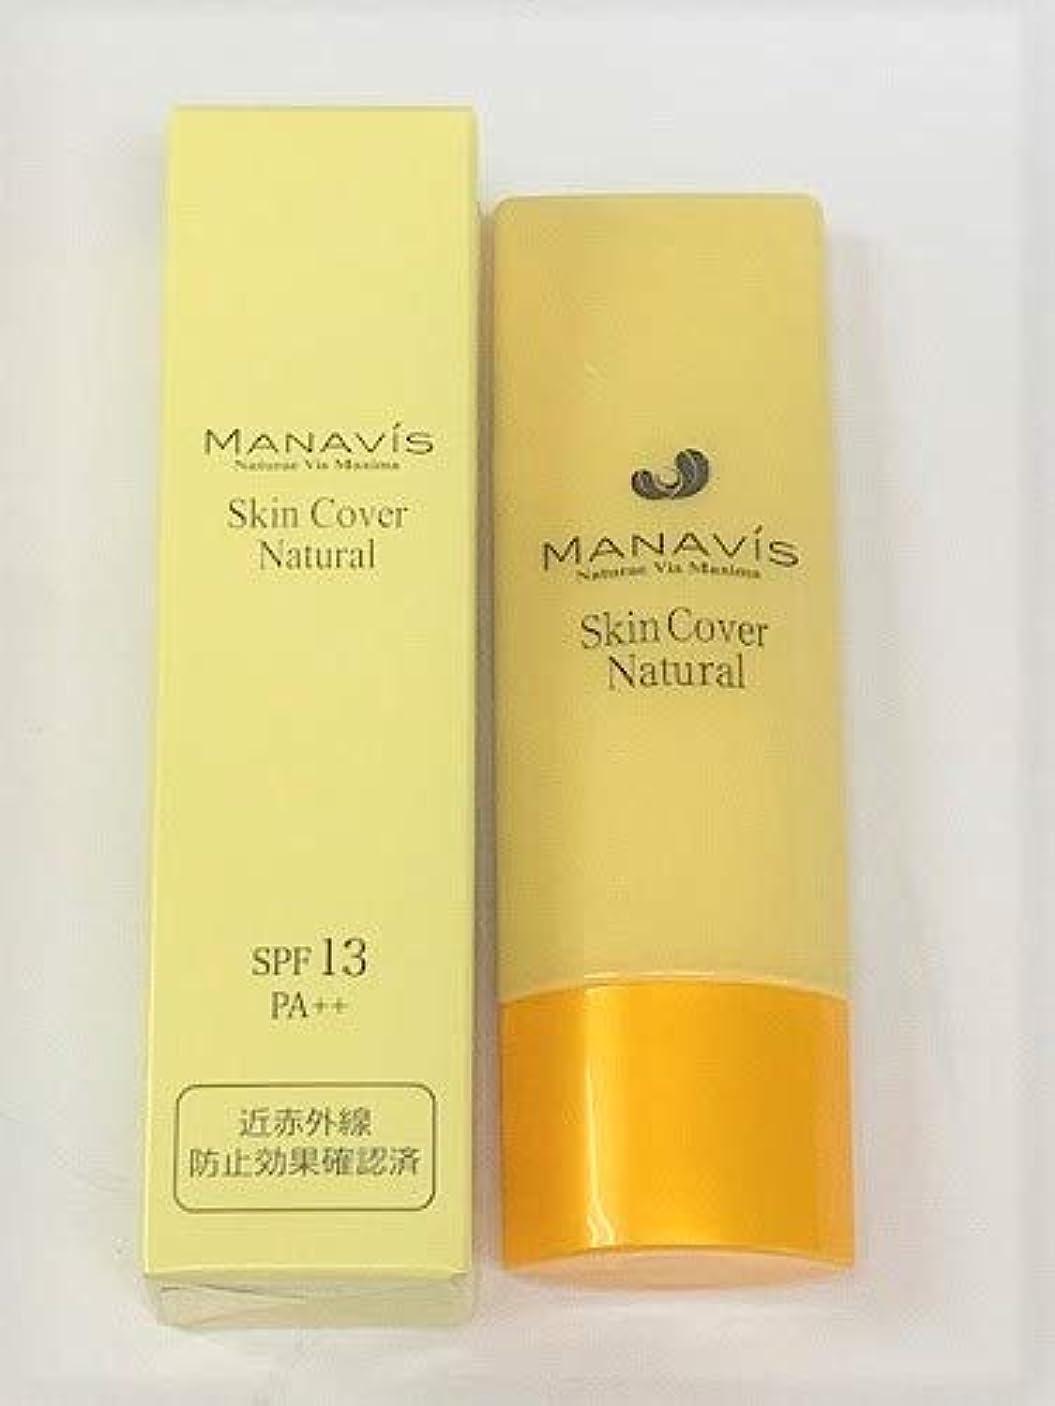 芽不格好敬なMANAVIS マナビス化粧品 スキンカバー ナチュラル (日中用化粧液) SPF13 PA++ 30g 172